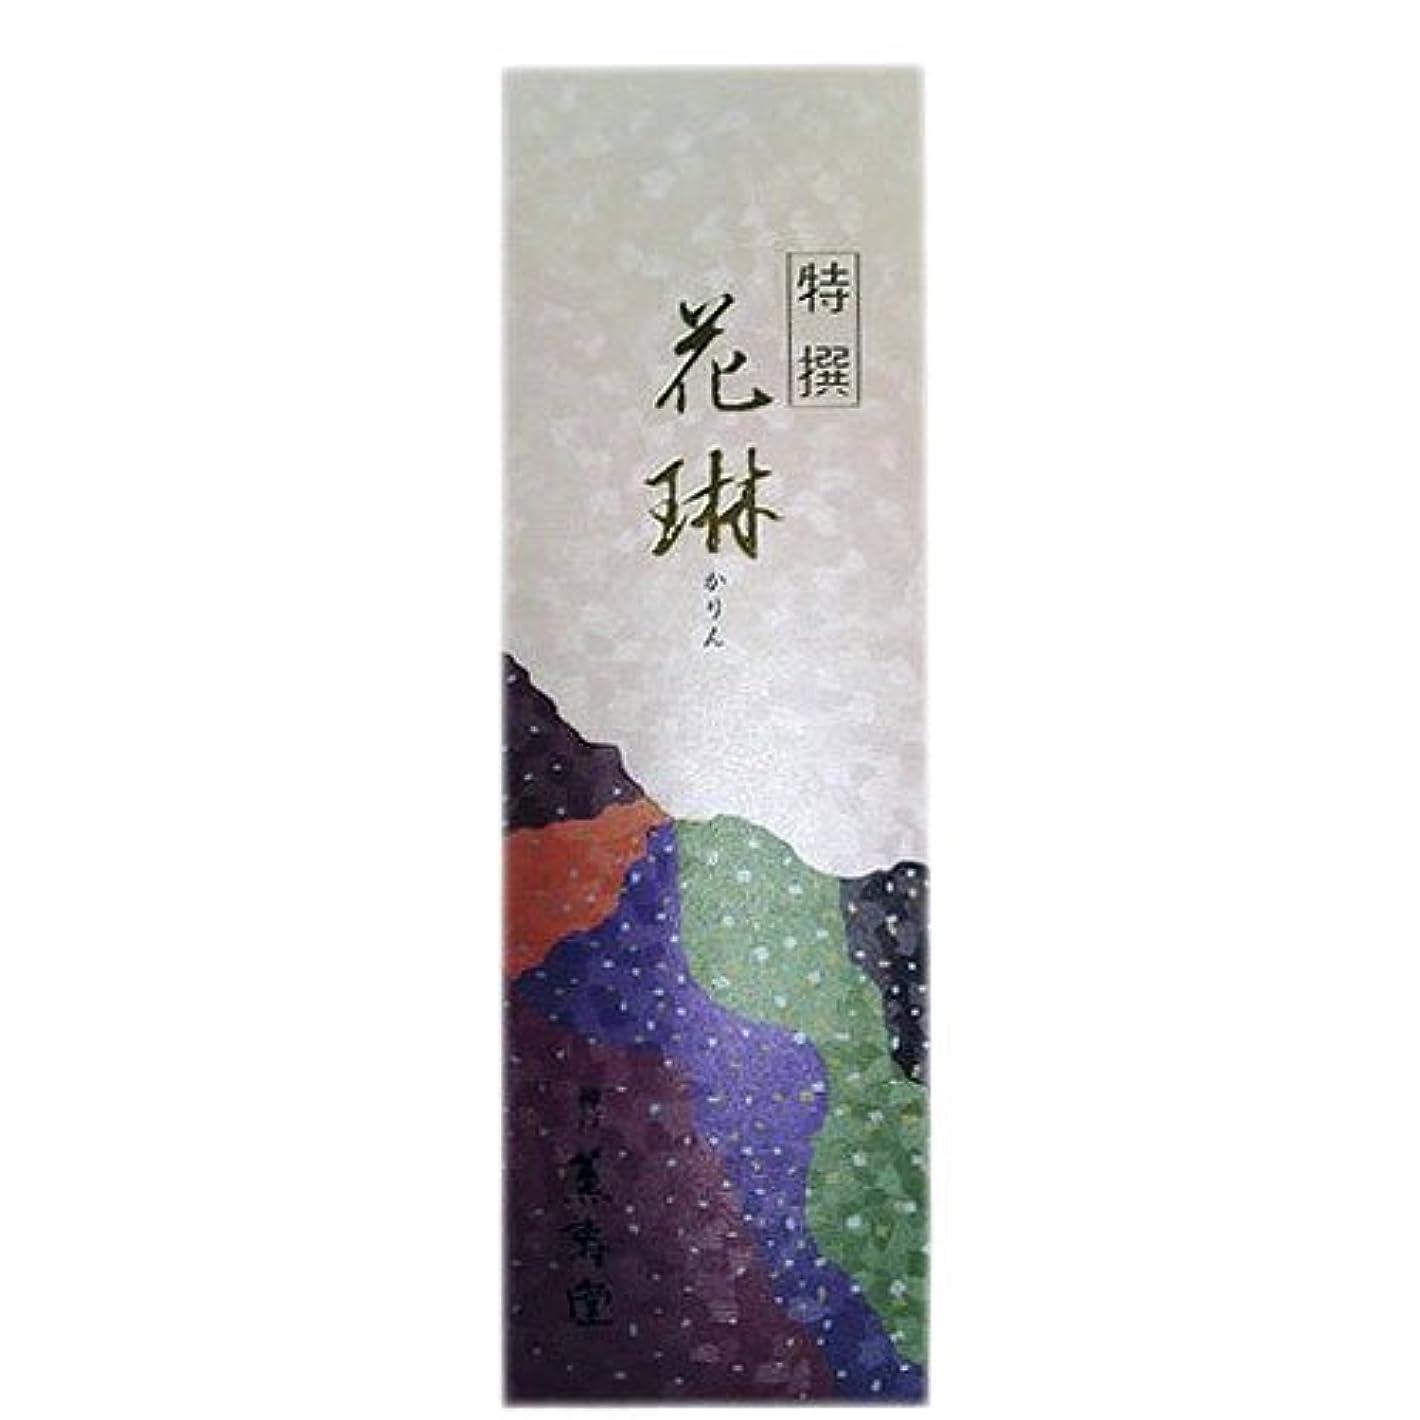 スチュワードさわやかタンパク質薫寿堂 特撰花琳 スリム 018 30g